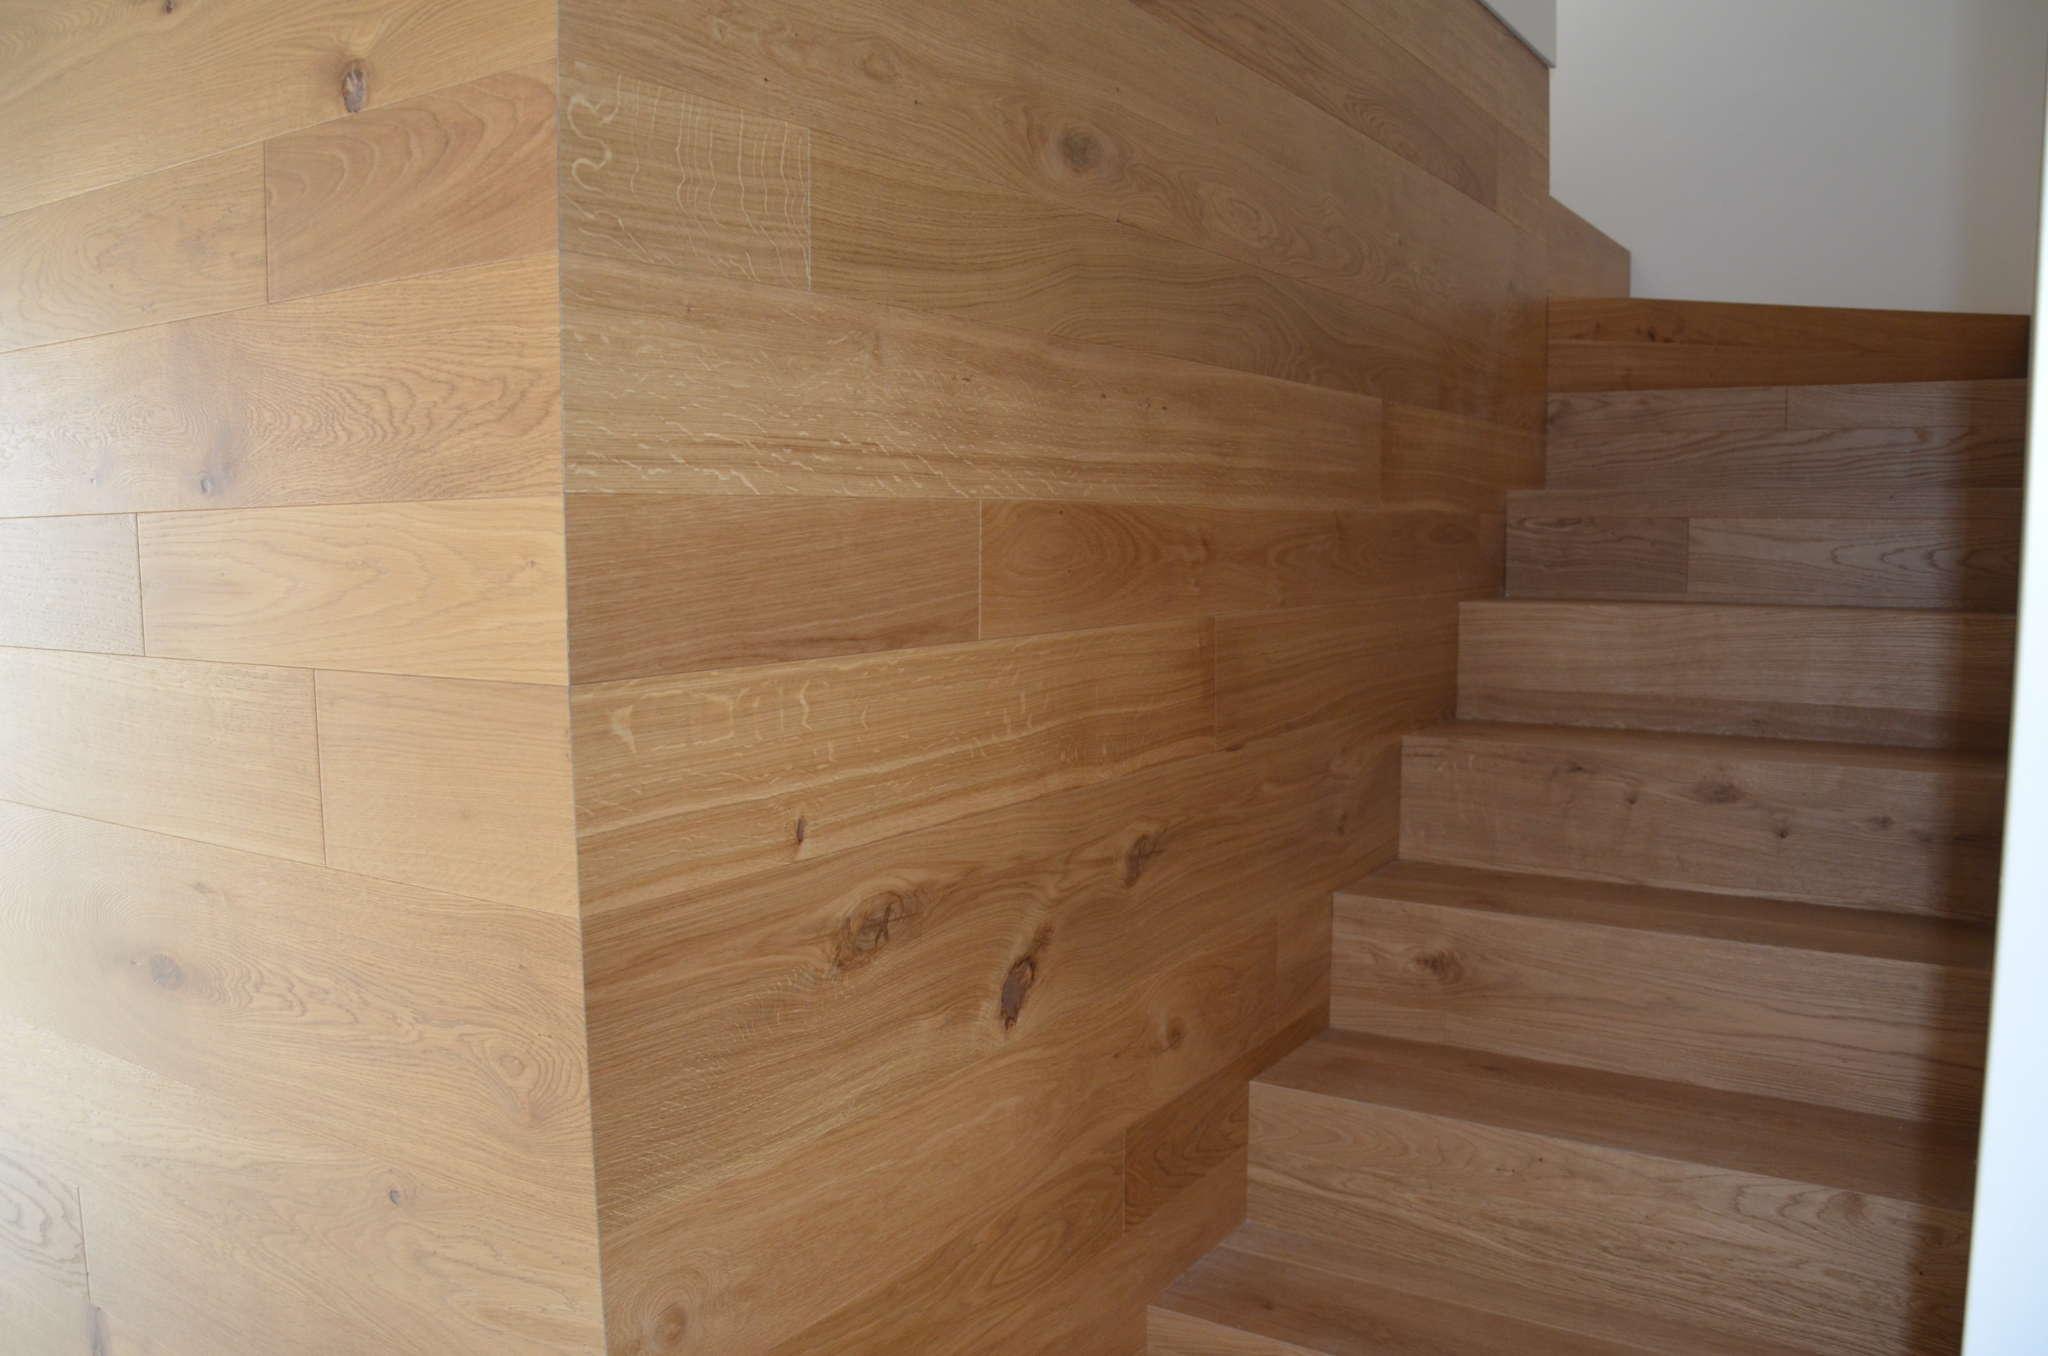 Doghe Di Legno Per Pareti rivestimento pareti in legno - pavilegno